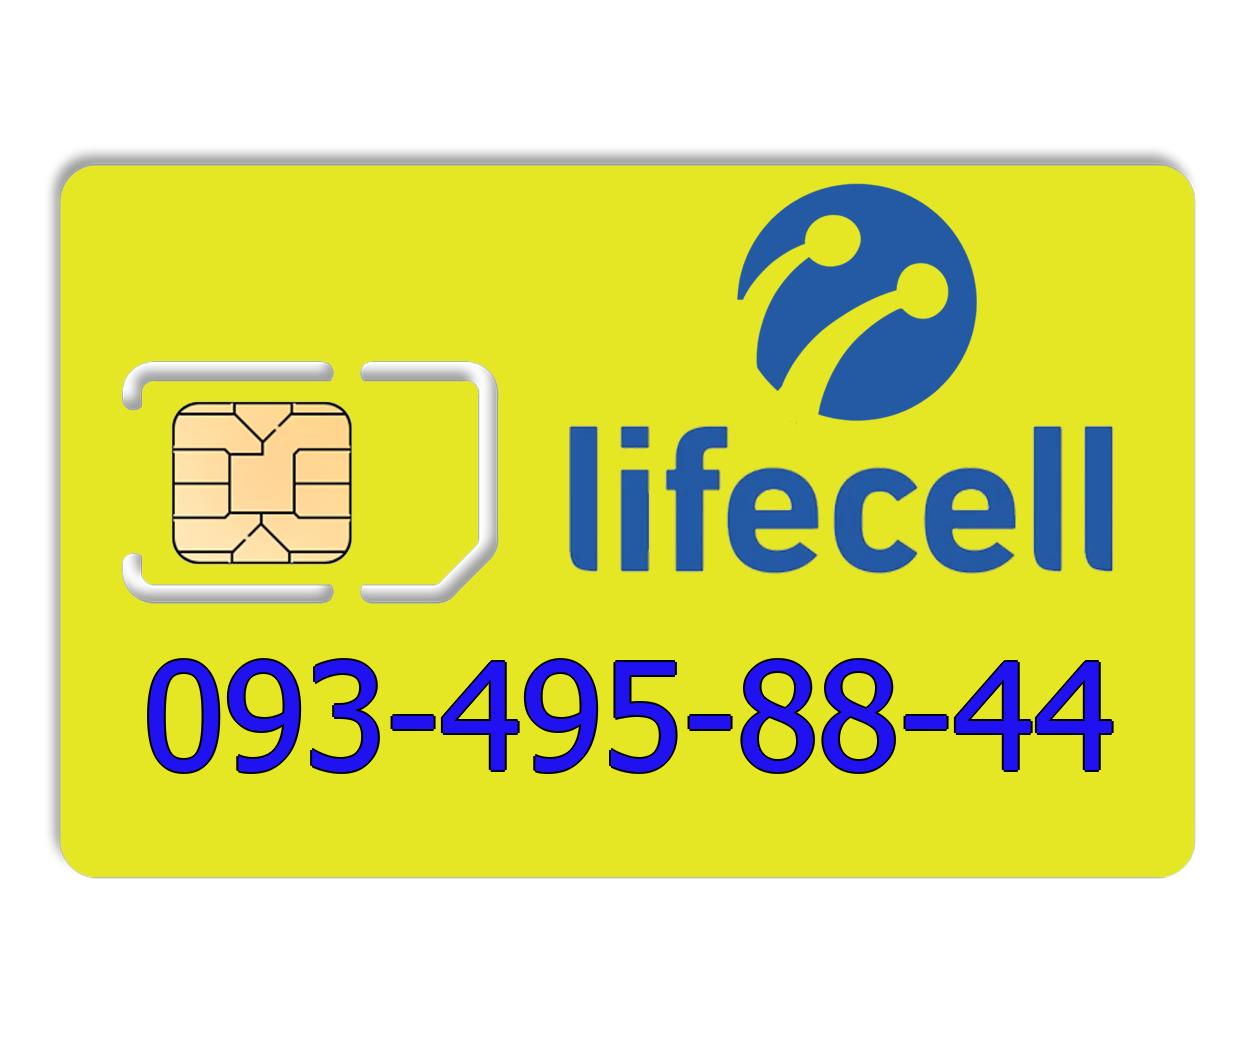 Красивый номер lifecell 093-495-88-44